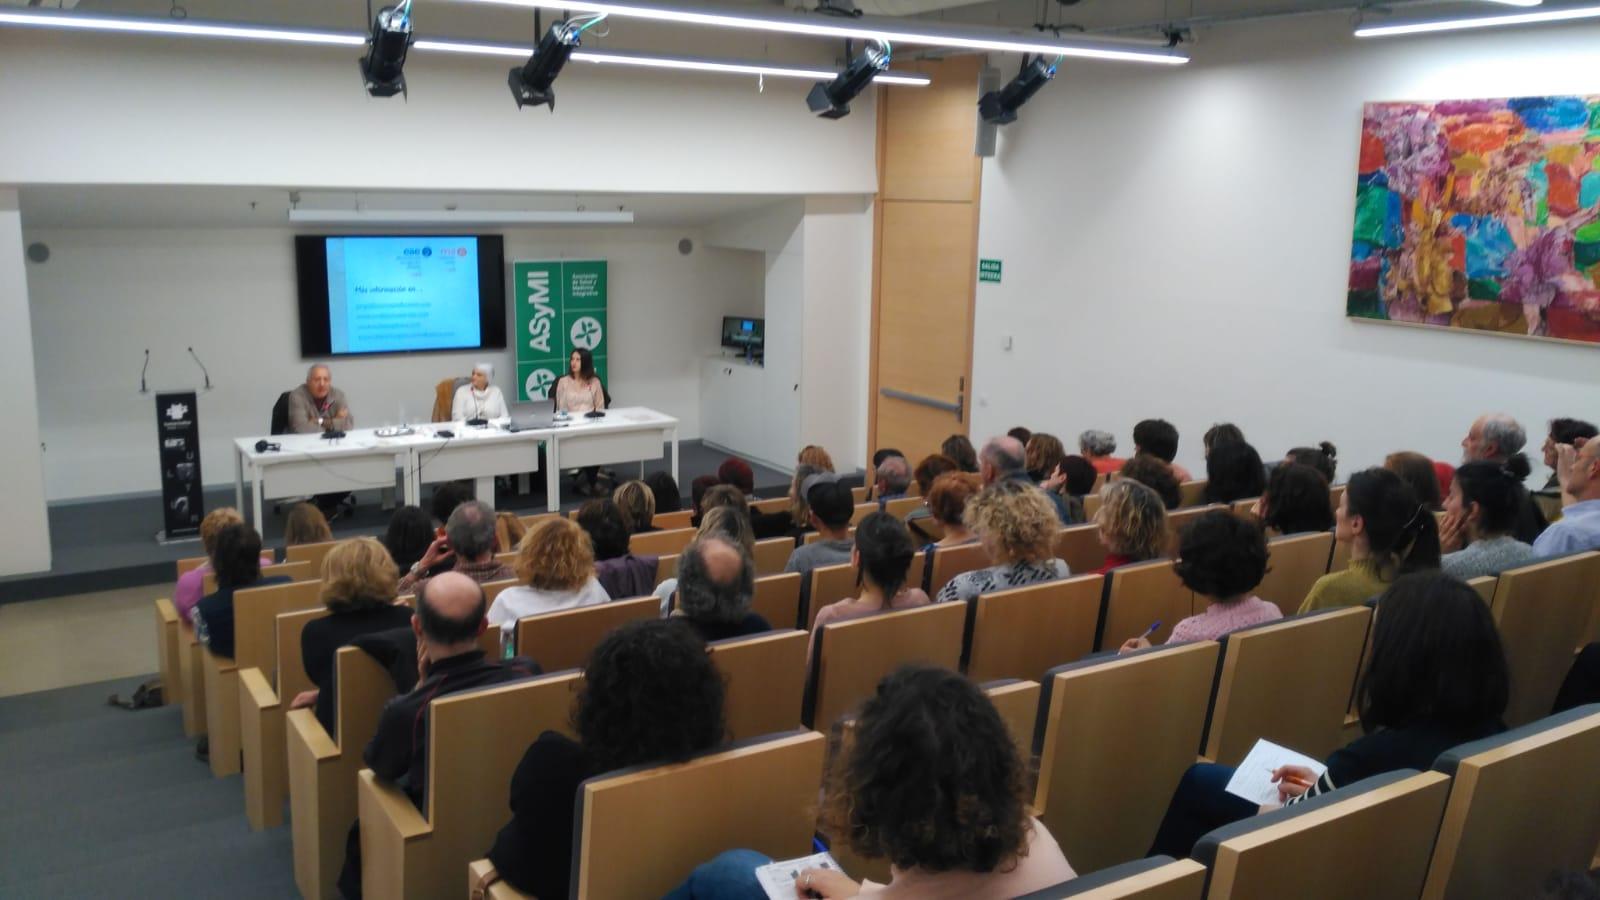 ASyMI APOYANDO LAS PRESENTACIONES DE LAS UNIDADES PEDAGÓGICAS EN BILBAO Y DONOSTIA